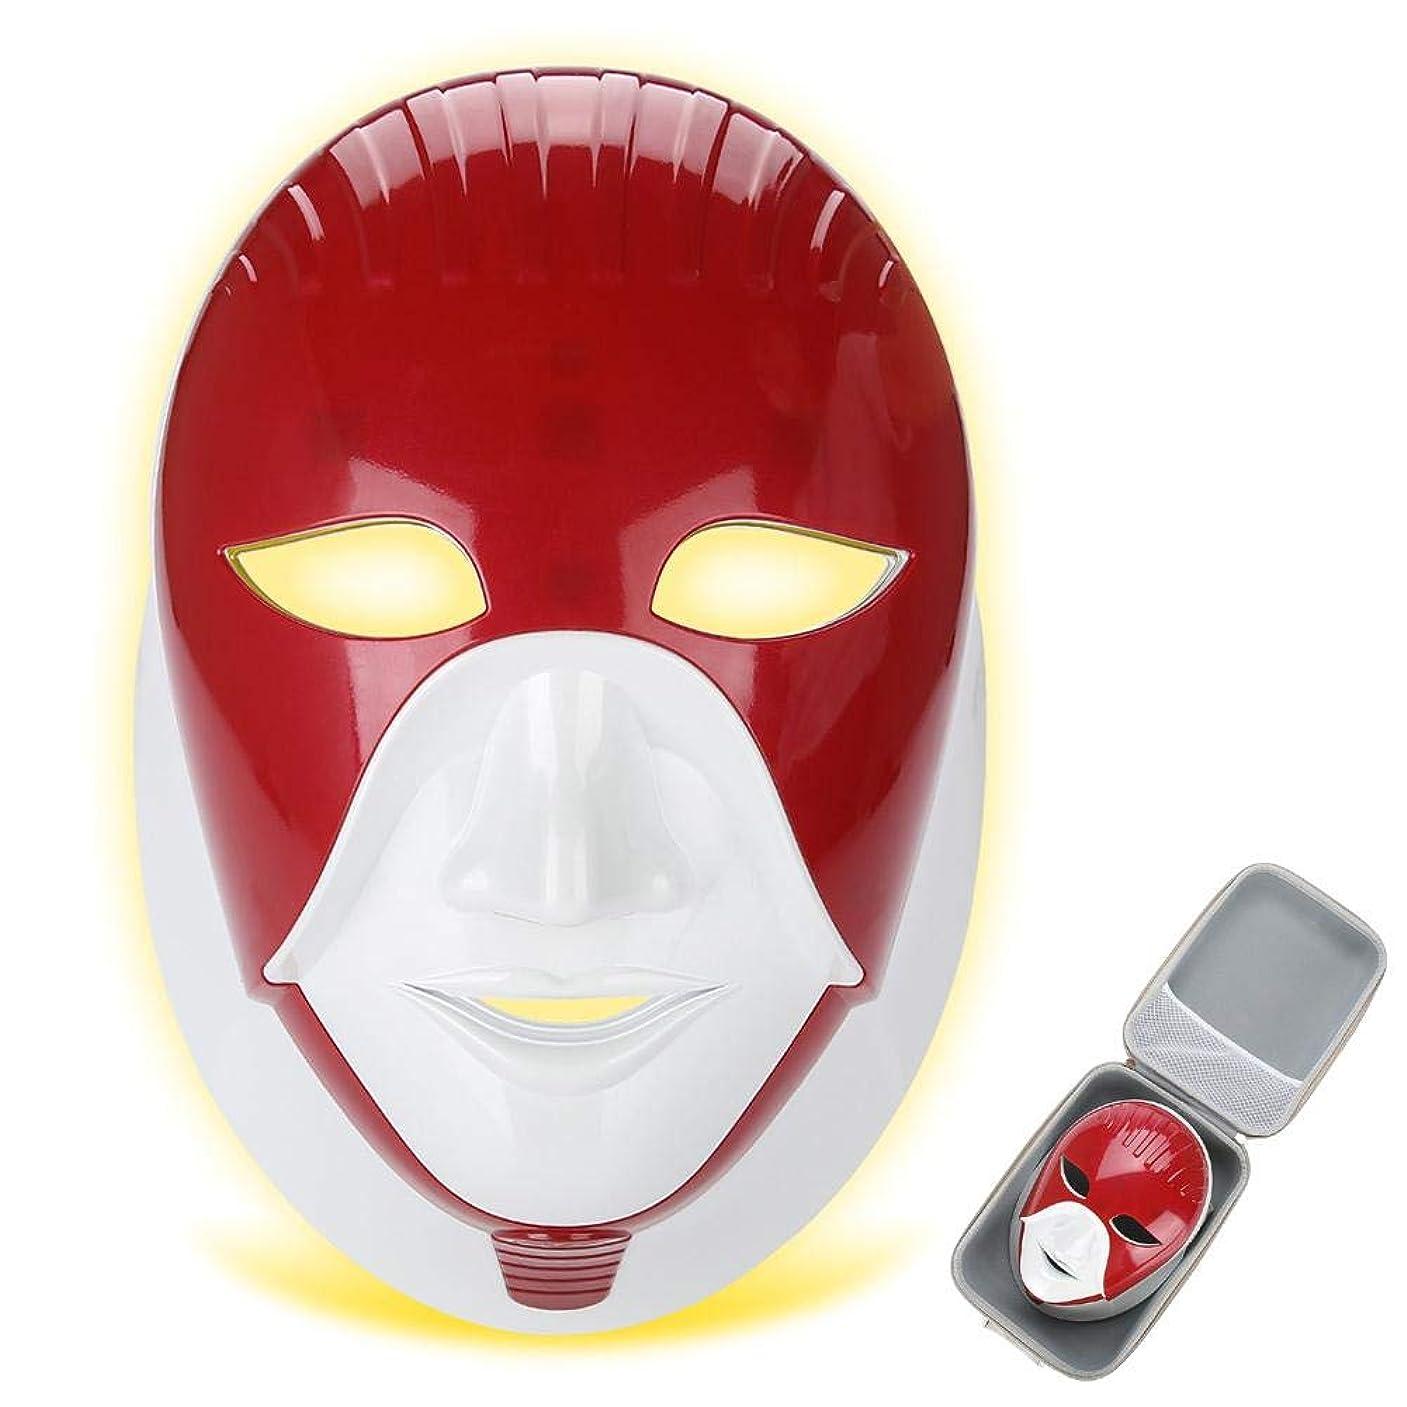 静けさカビ顎LEDフェイシャルネックマスク、滑らかな肌のより良いのための7色のネオン - 輝くライトフェイスケア美容ツール、肌のリラクゼーショング、引き締め、調色、引き締まった肌、瑕疵び、美白(01#)